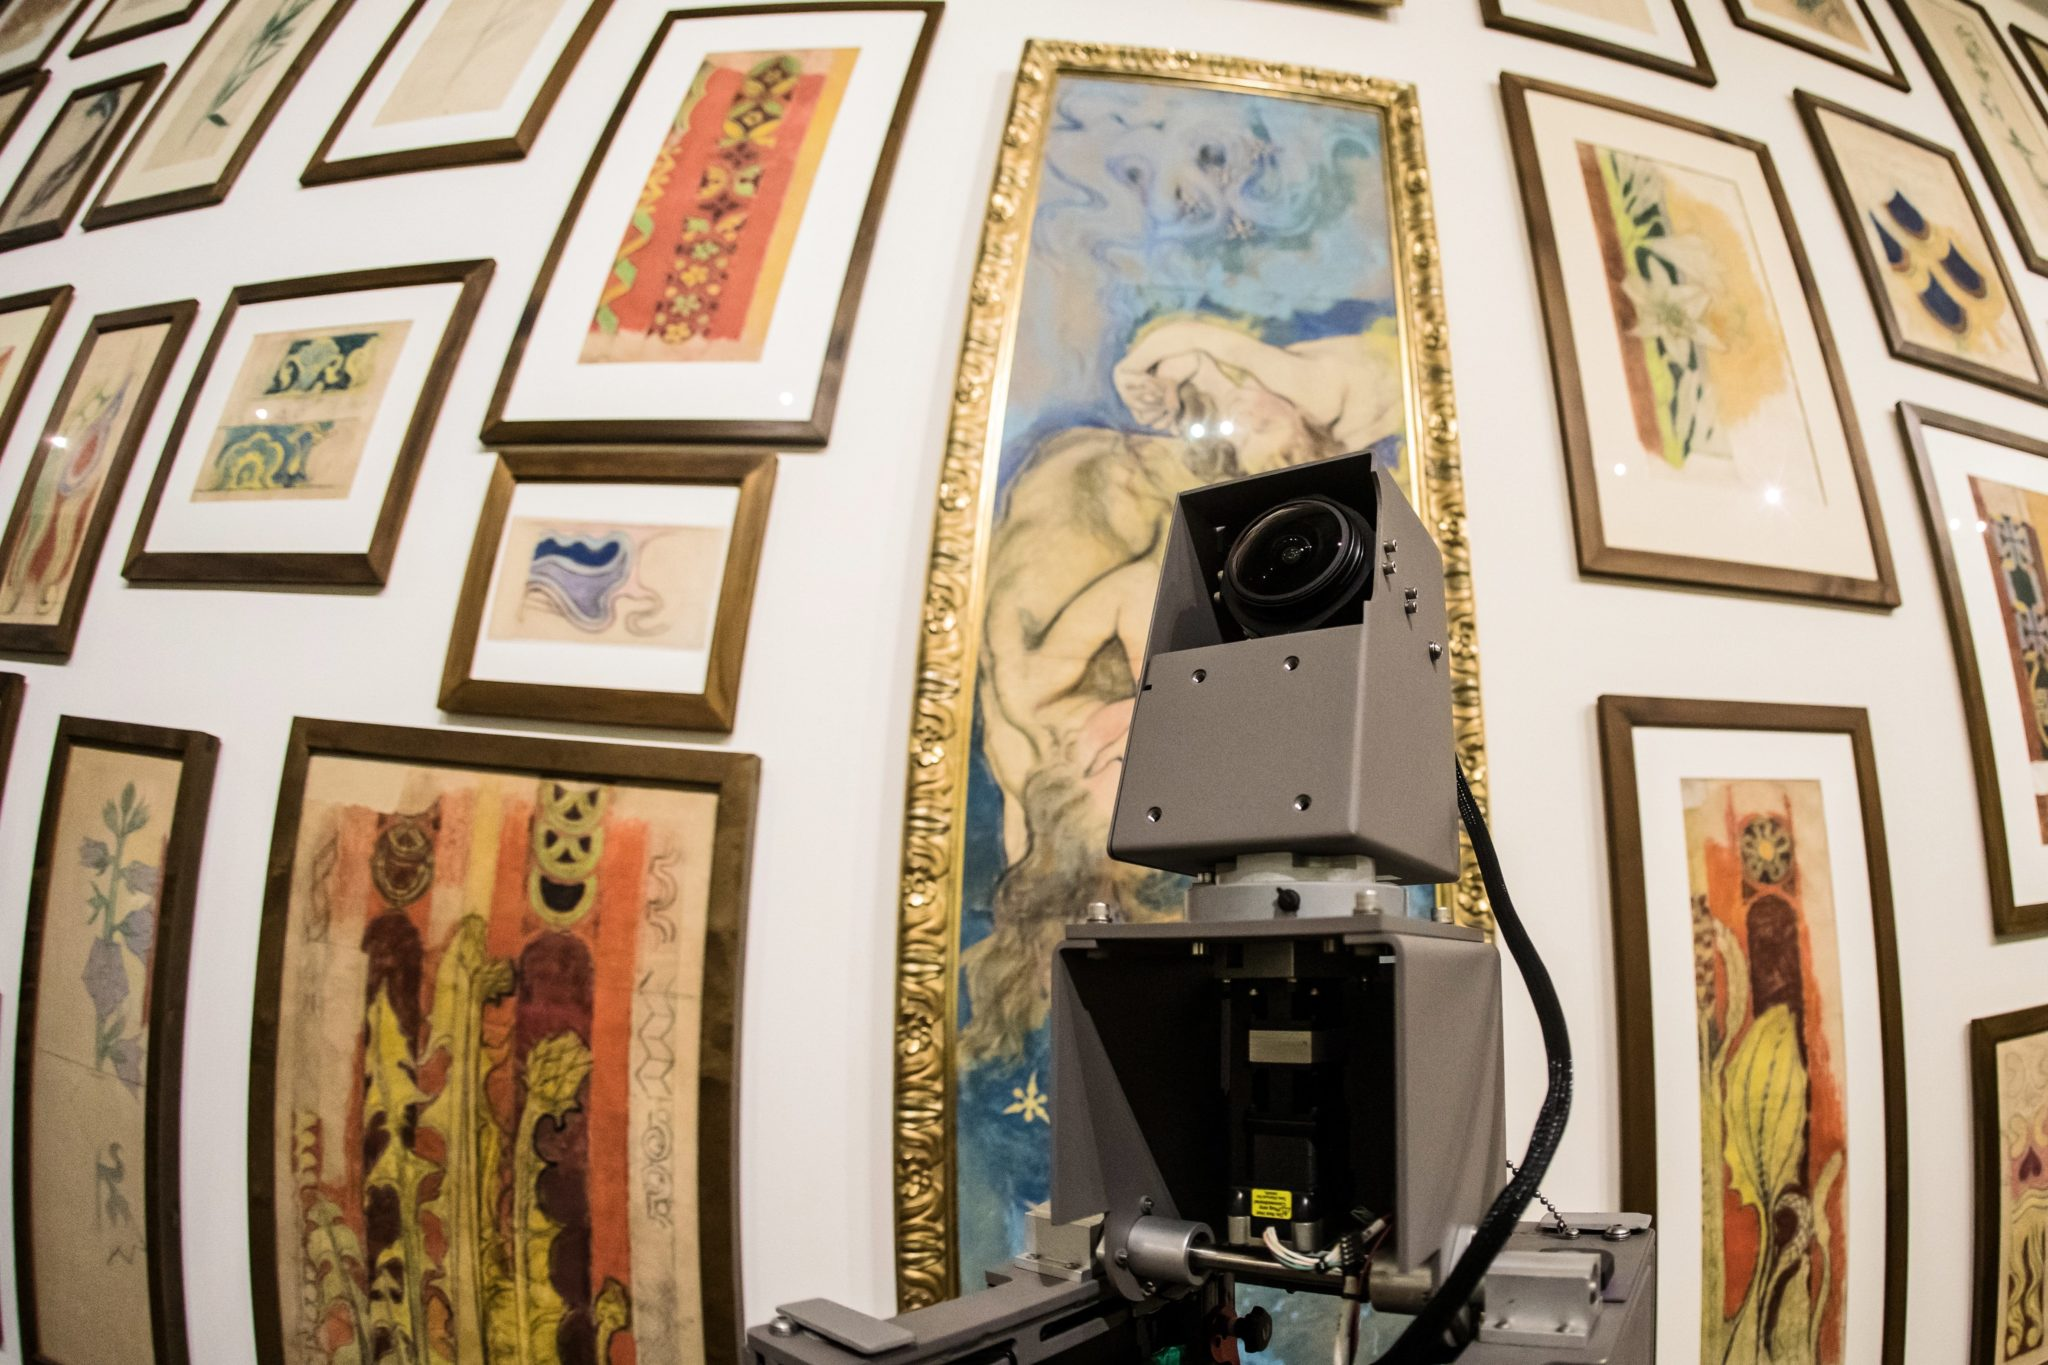 Wykonywanie zdjęć wystaw Muzeum Narodowego w Krakowie do Google Museum View za pomoca wózka Trolley, fot. Jan Graczyński, PAP